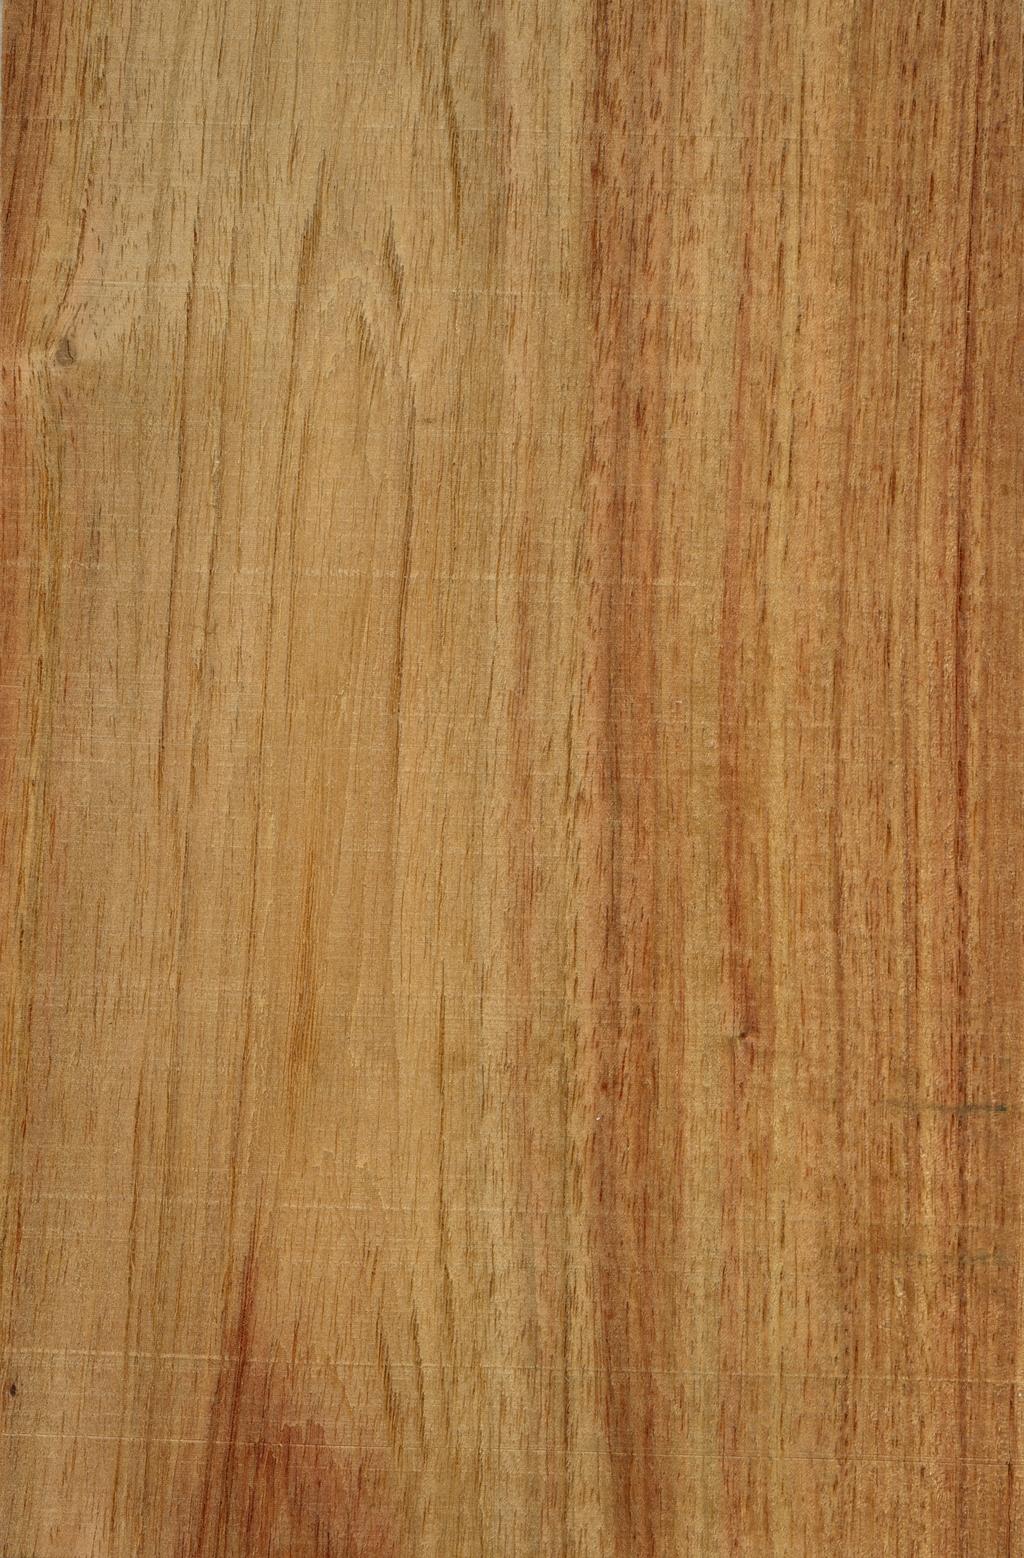 红木纹理实拍贴图素材高清图片下载